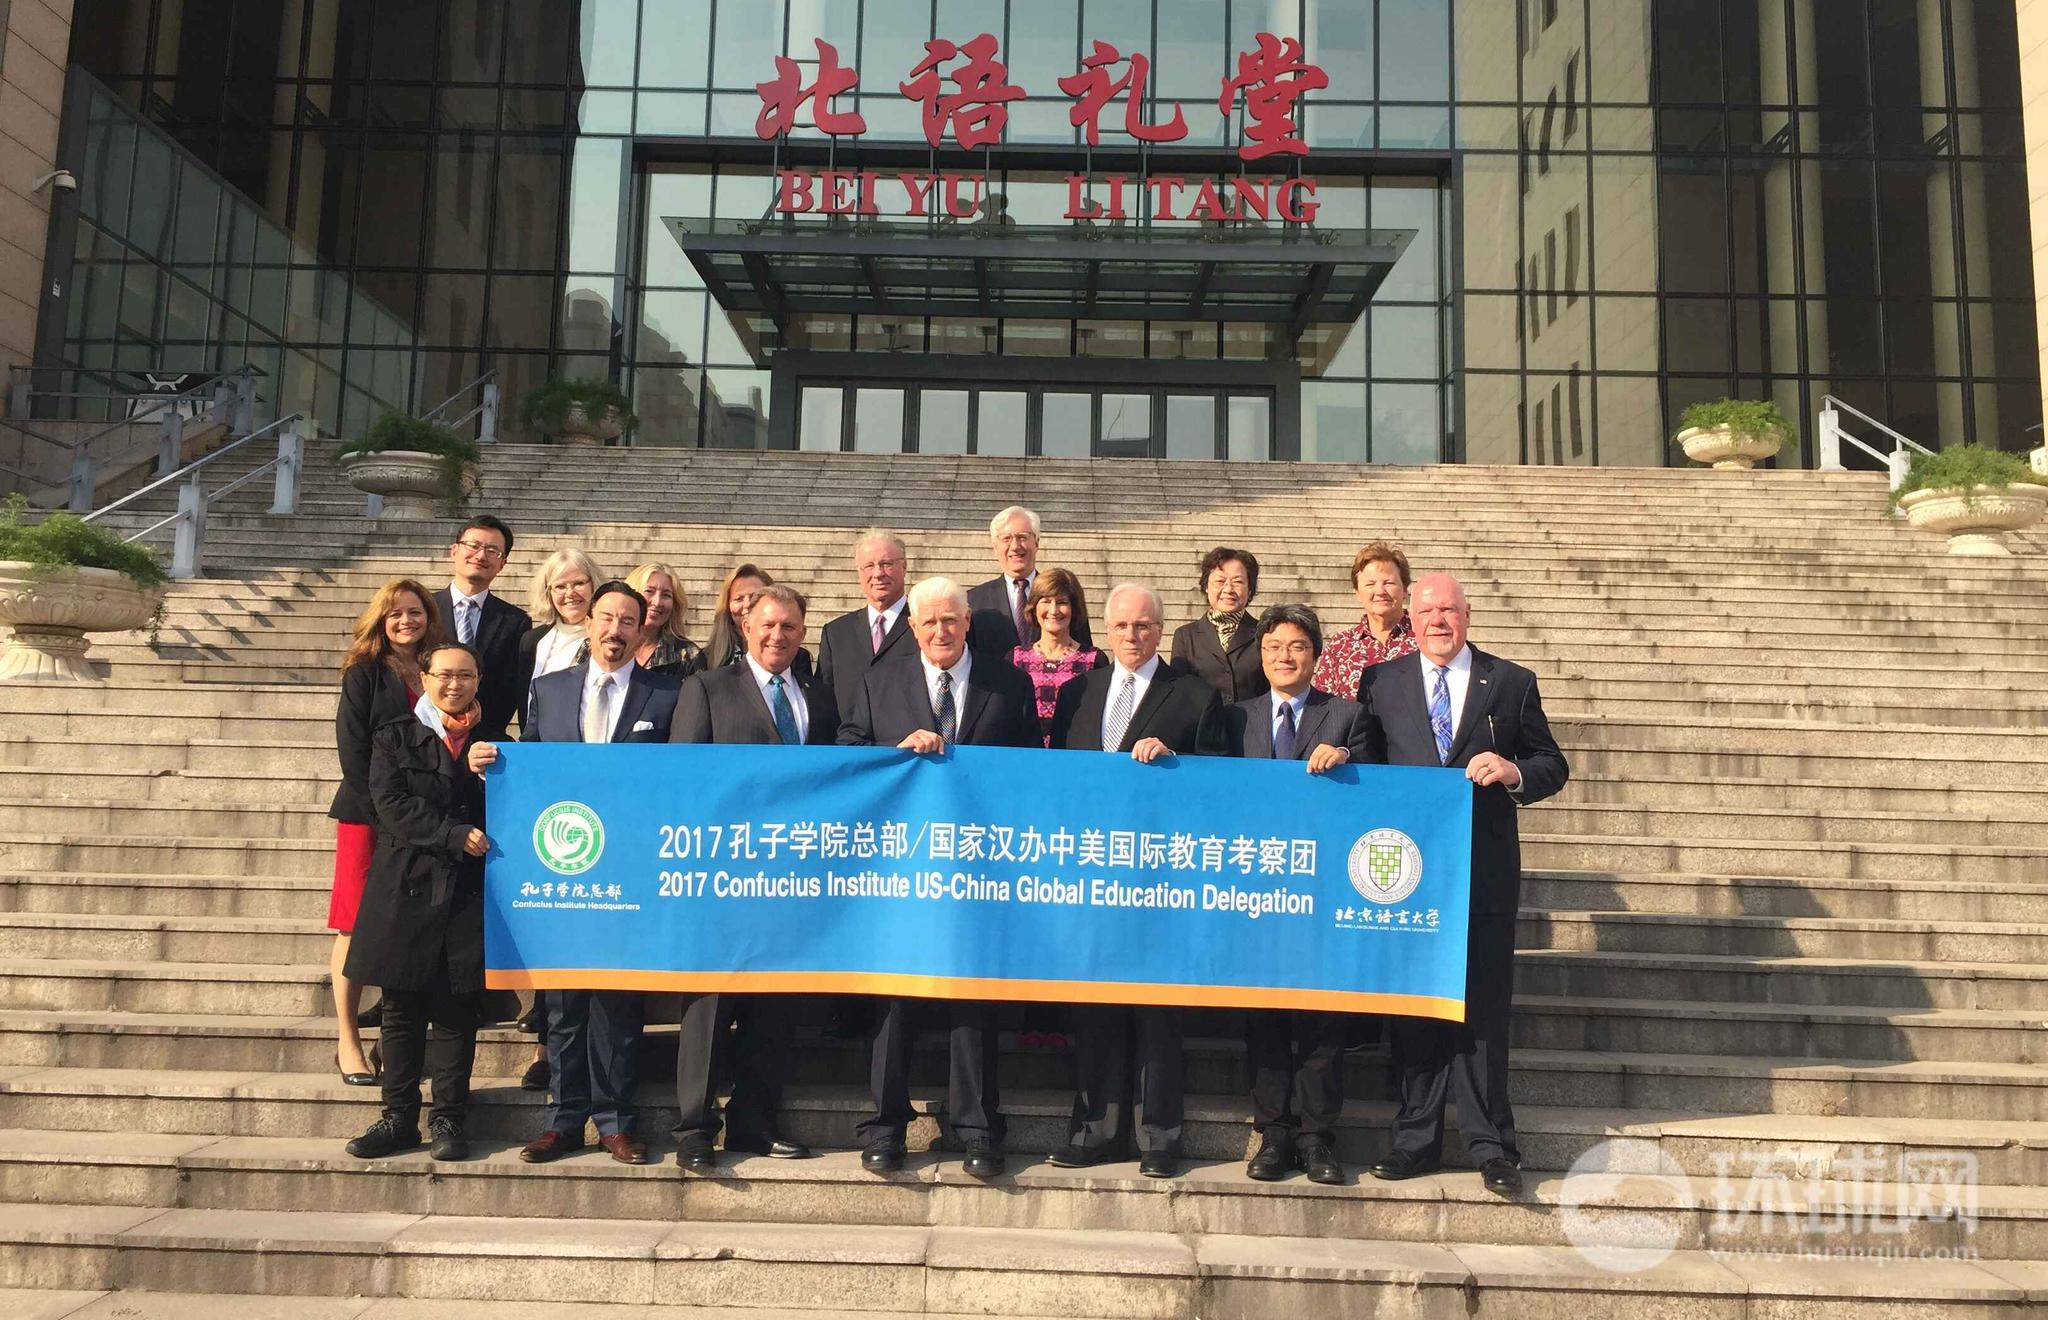 考察团成员在北京语言大学举行开班仪式后合影